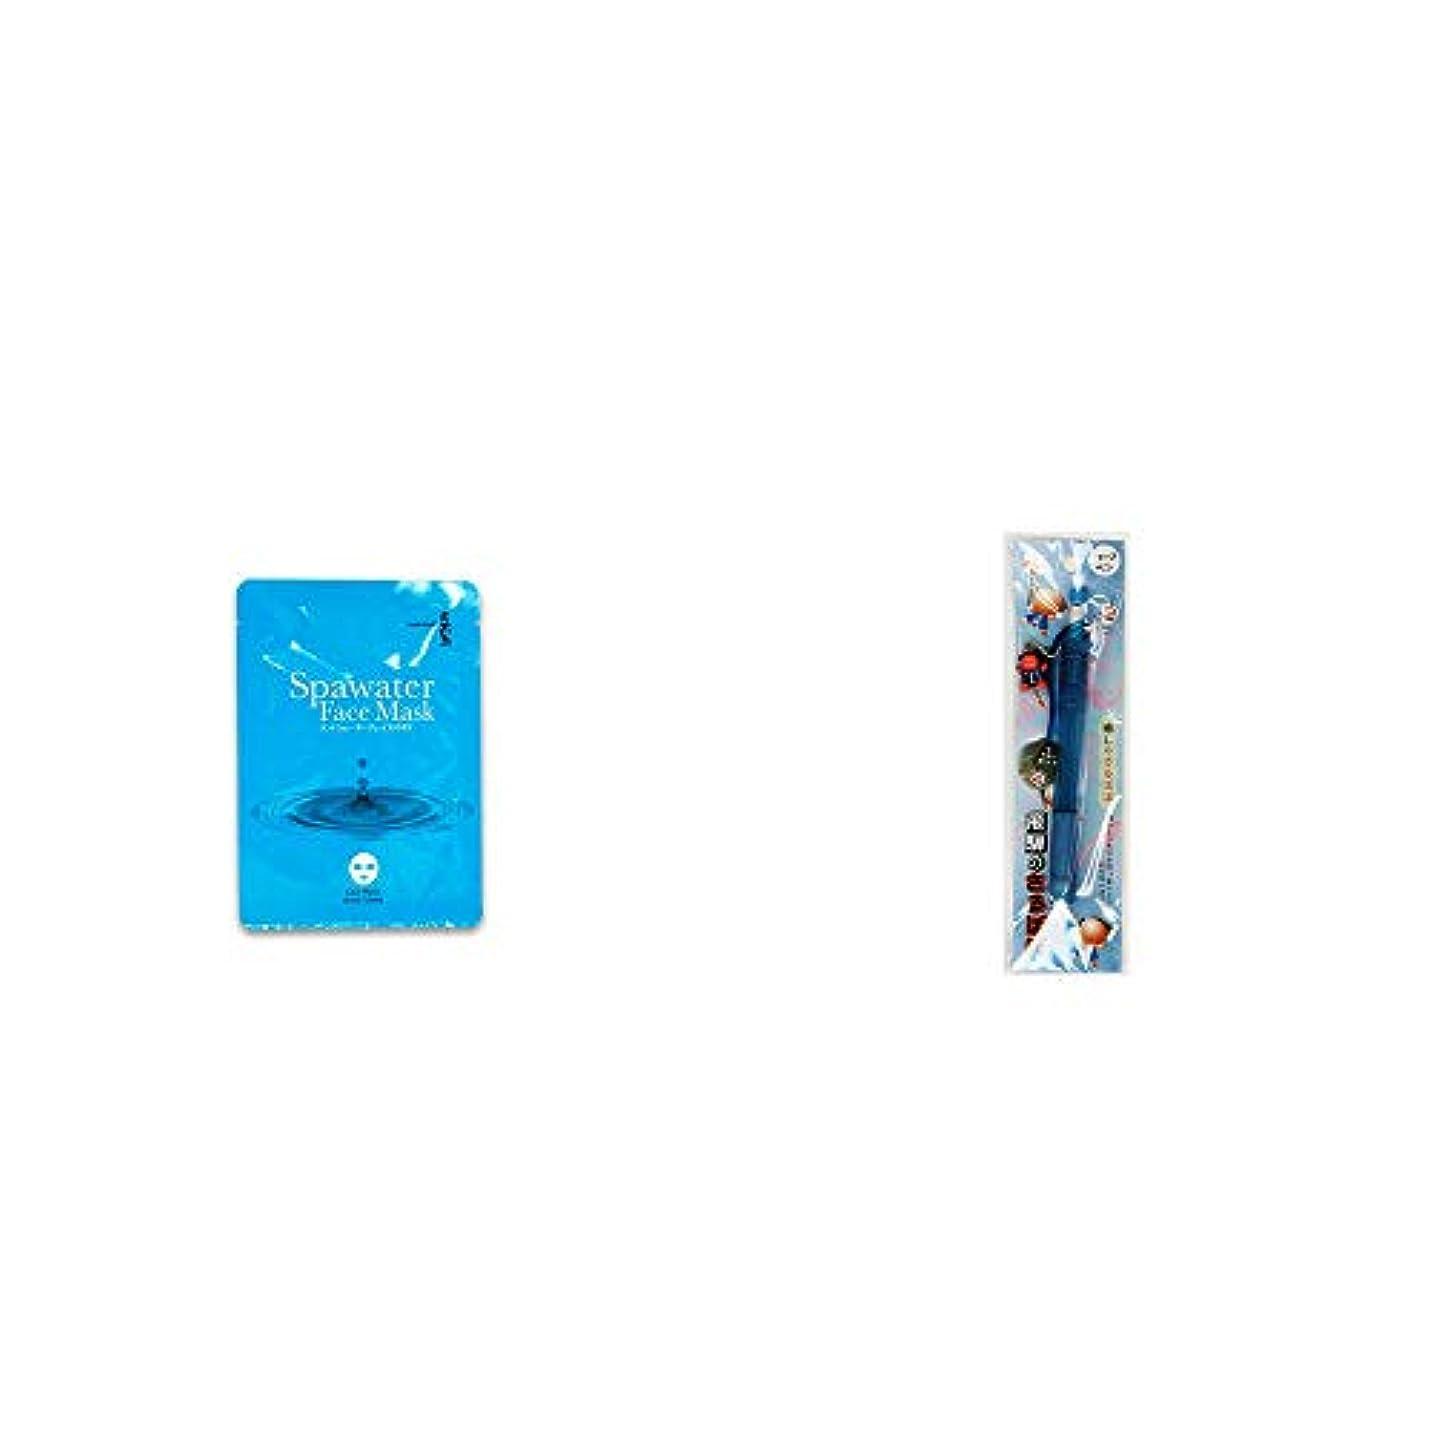 ボス感じノミネート[2点セット] ひのき炭黒泉 スパウォーターフェイスマスク(18ml×3枚入)・さるぼぼ 癒しシャープペン 【ブルー】